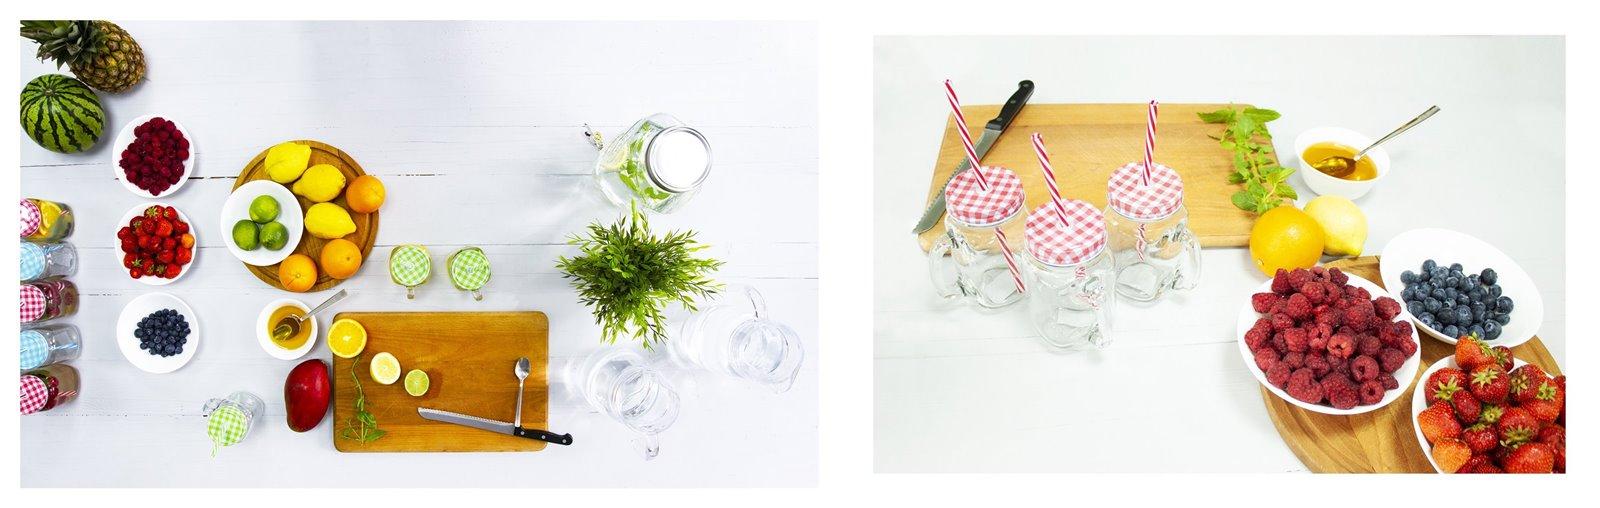 2 przepis na lemoniady jak zrobić lemoniadę jakie owoce można dać do lemoniady sposoby na upały nawadniające napoje jak się nawodnić promocja słoik z uchem browin słoik ze słomką lemoniada owoce lato wakacje youtube